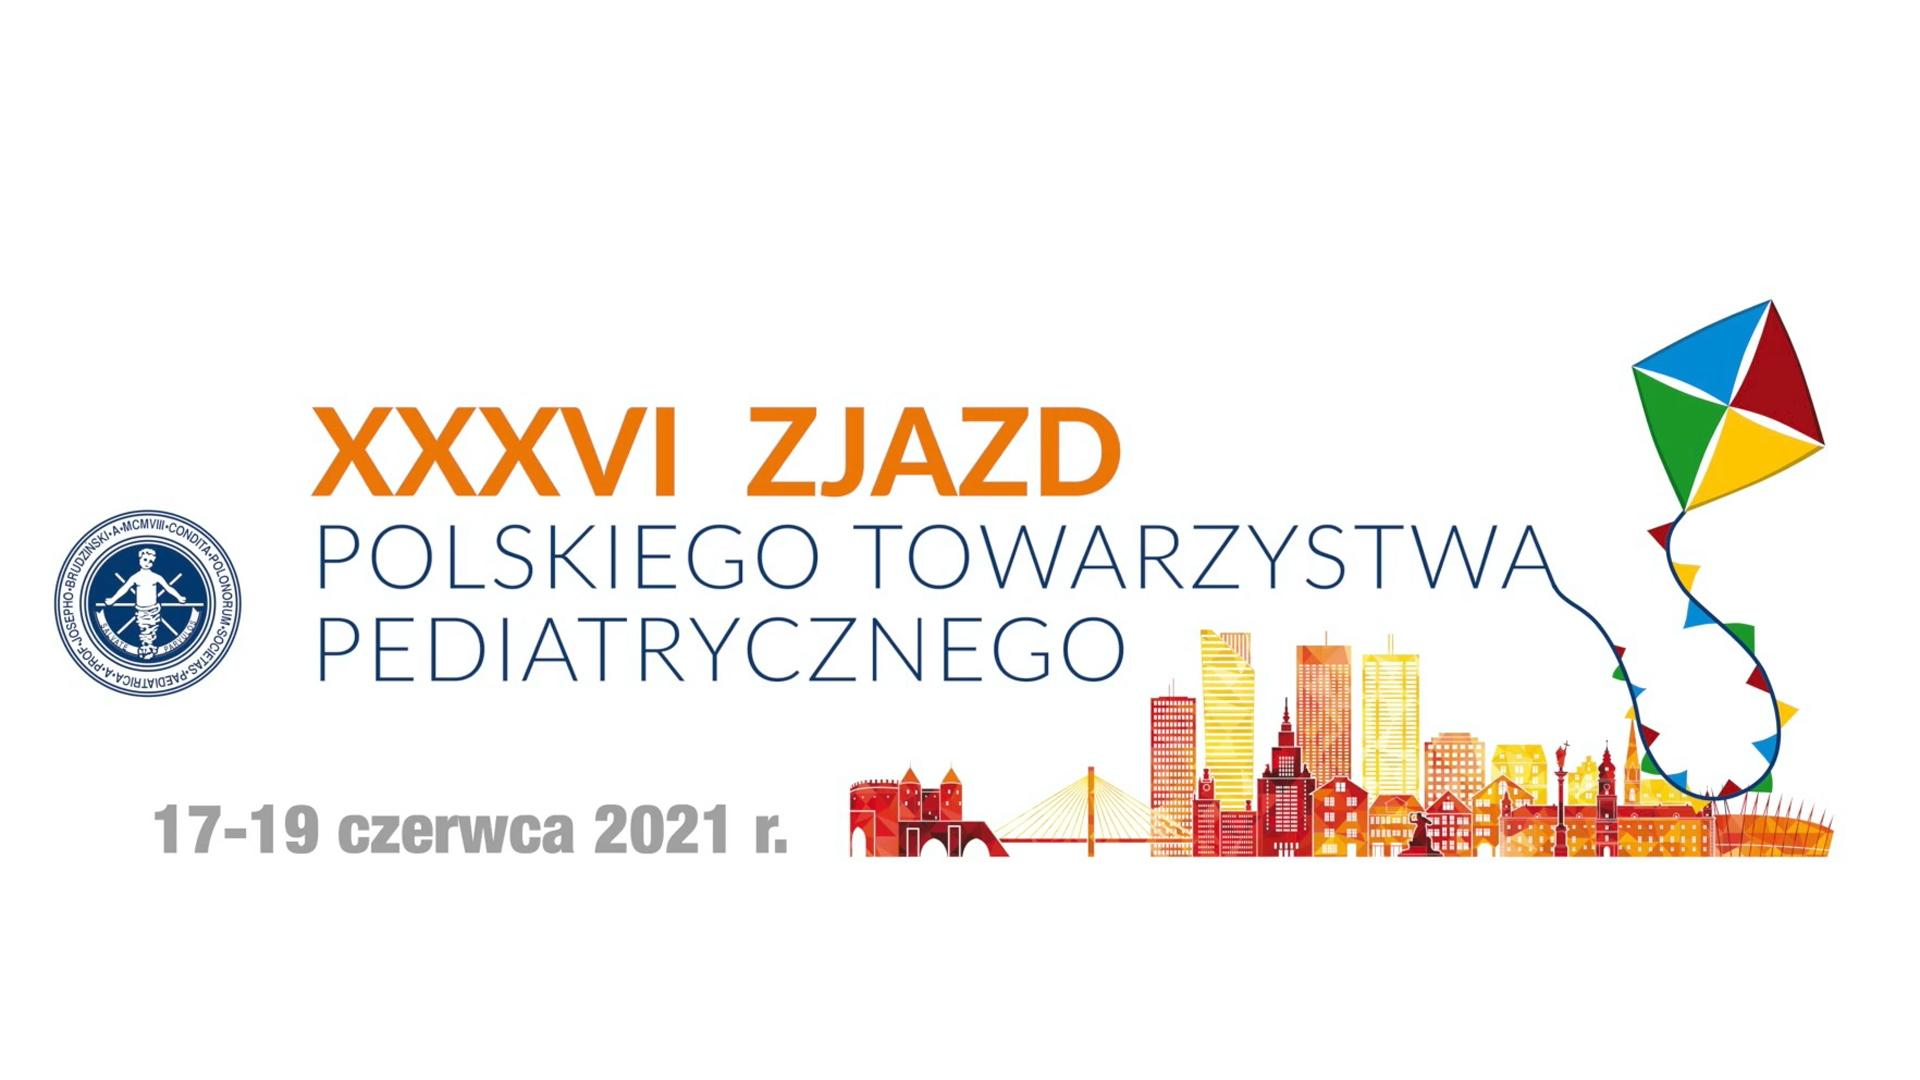 PCSS partnerem technologicznym XXXVI Zjazdu Polskiego Towarzystwa Pediatrycznego